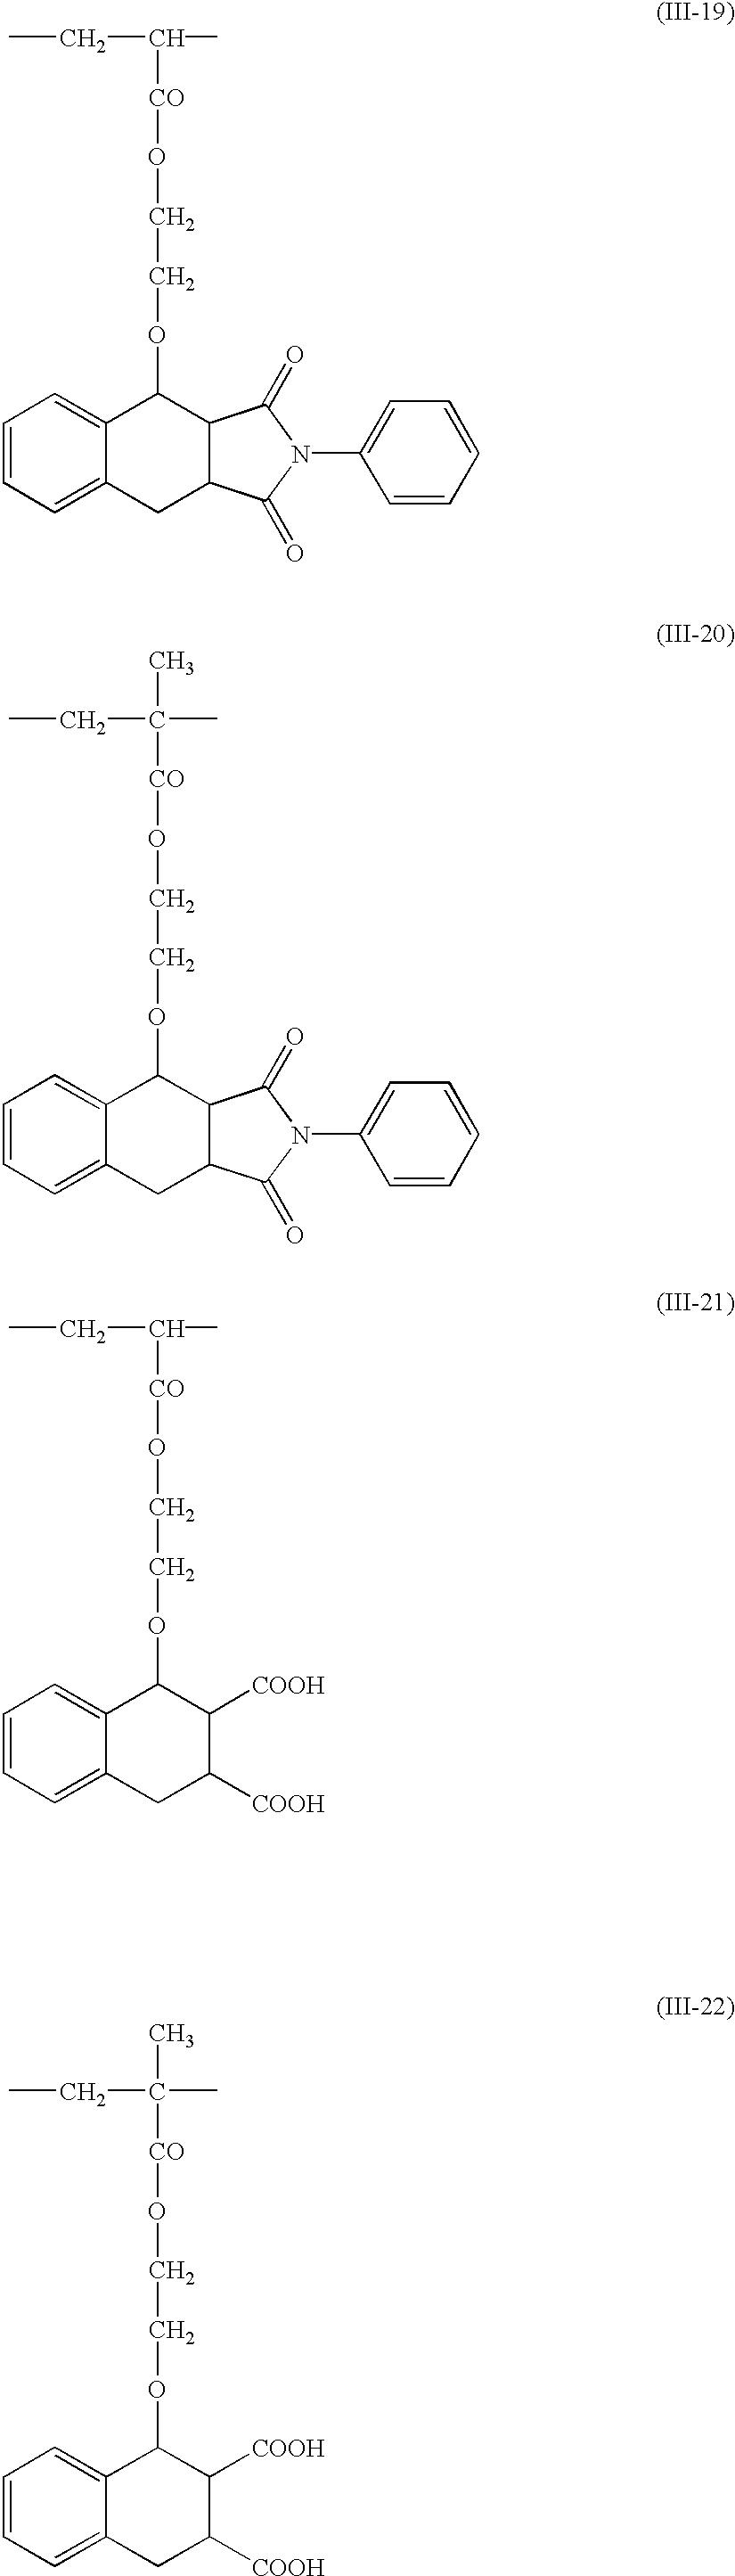 Figure US20030165778A1-20030904-C00031